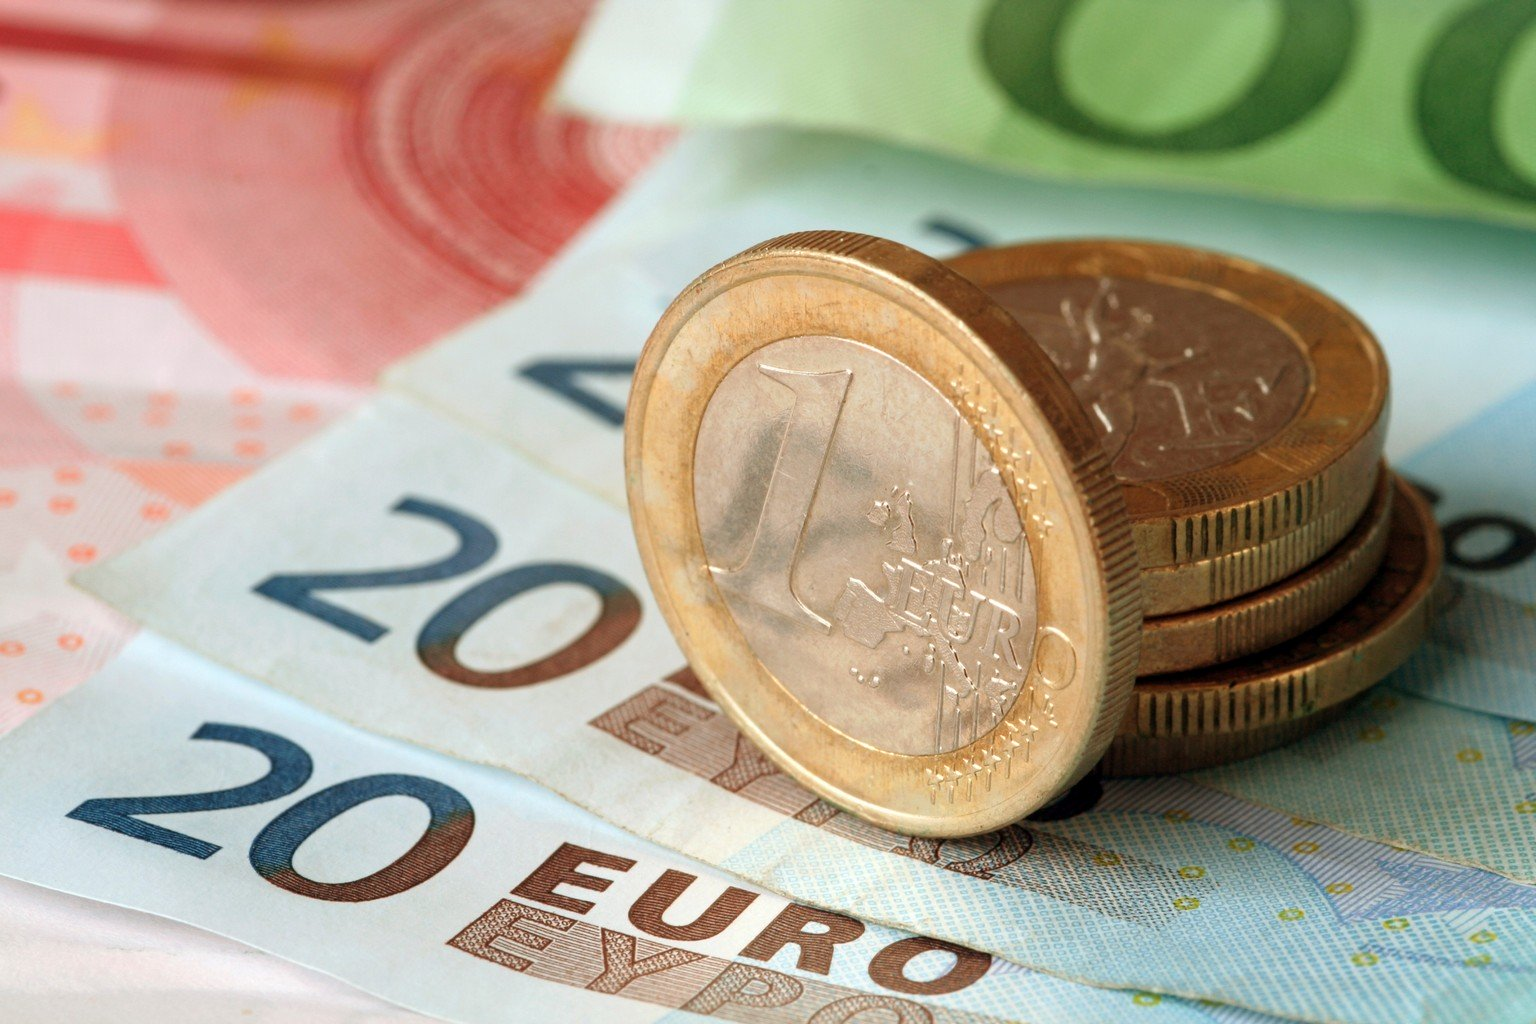 اليورو دولار يواصل الارتفاع والأنظار تتجه إلى 1.1950